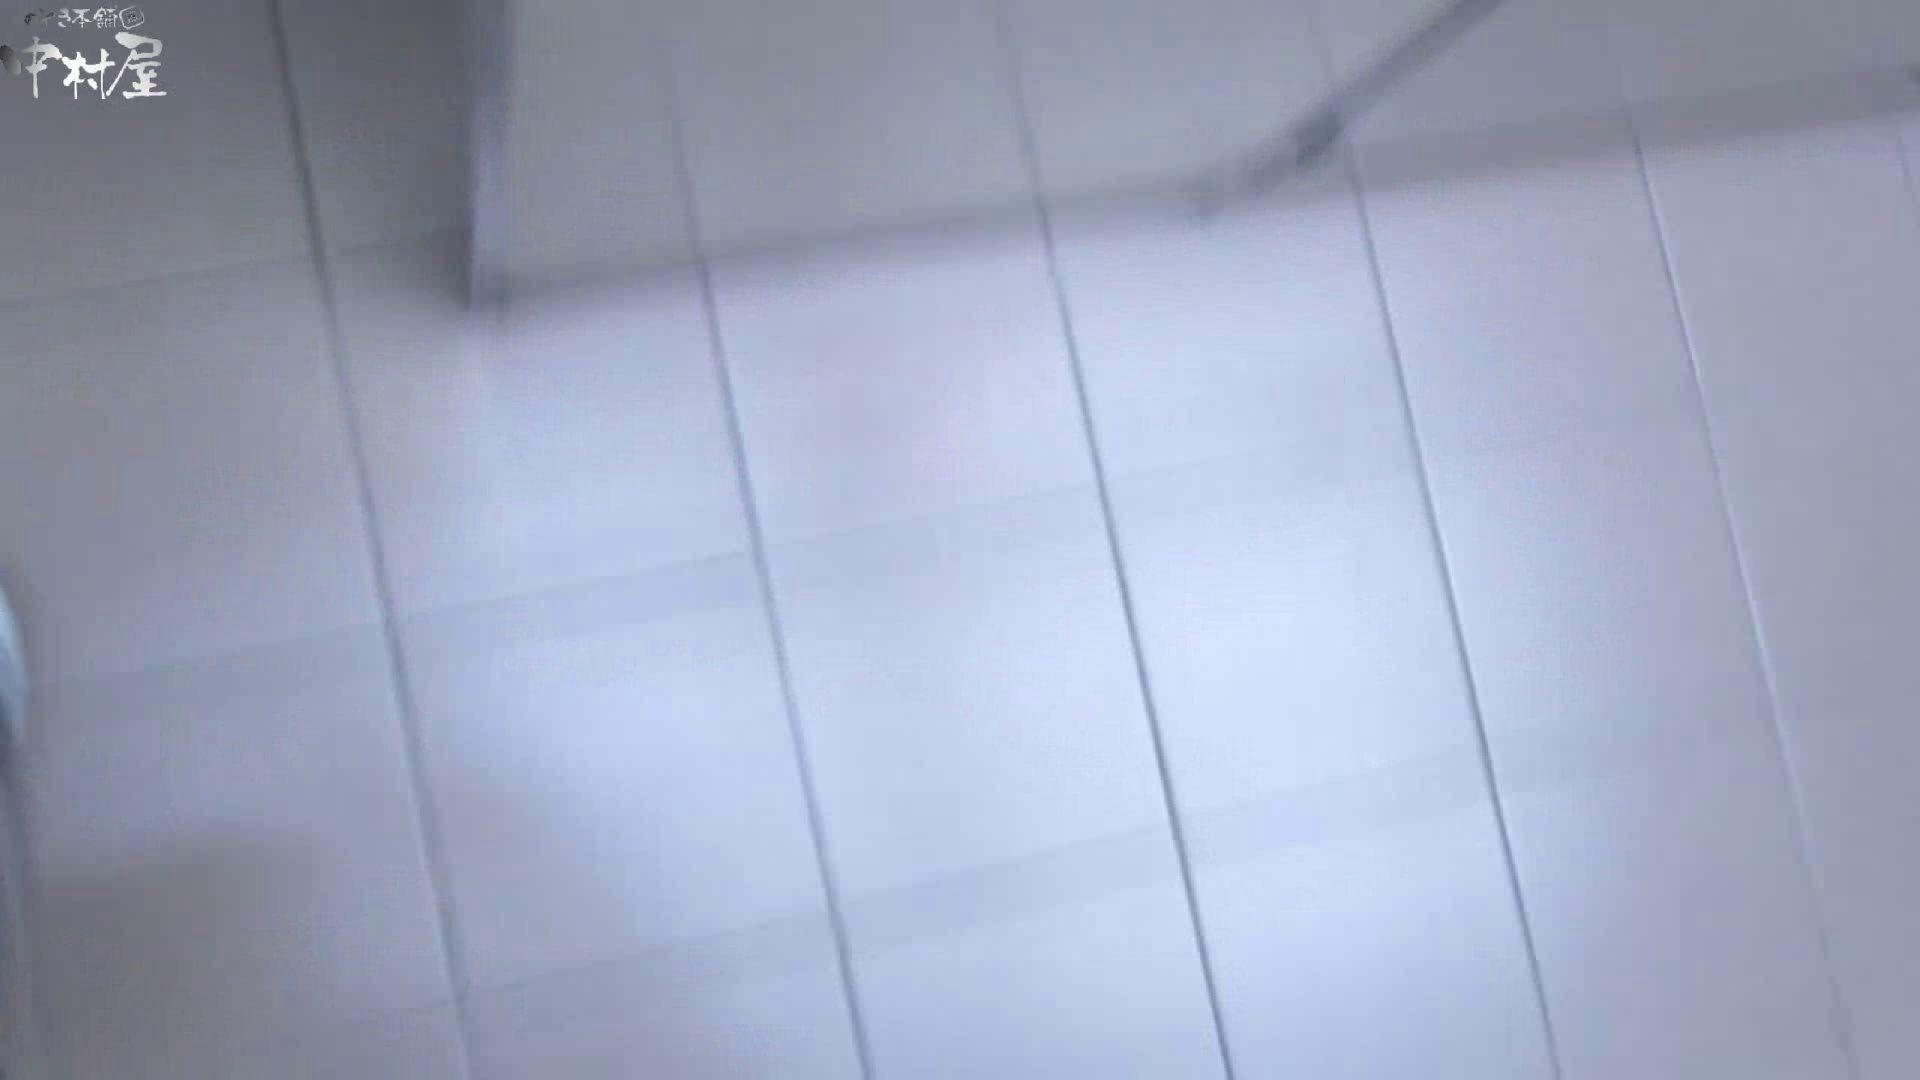 魂のかわや盗撮62連発! 上から顔も・・・ 29発目! リアル黄金水 | 盗撮  77画像 73